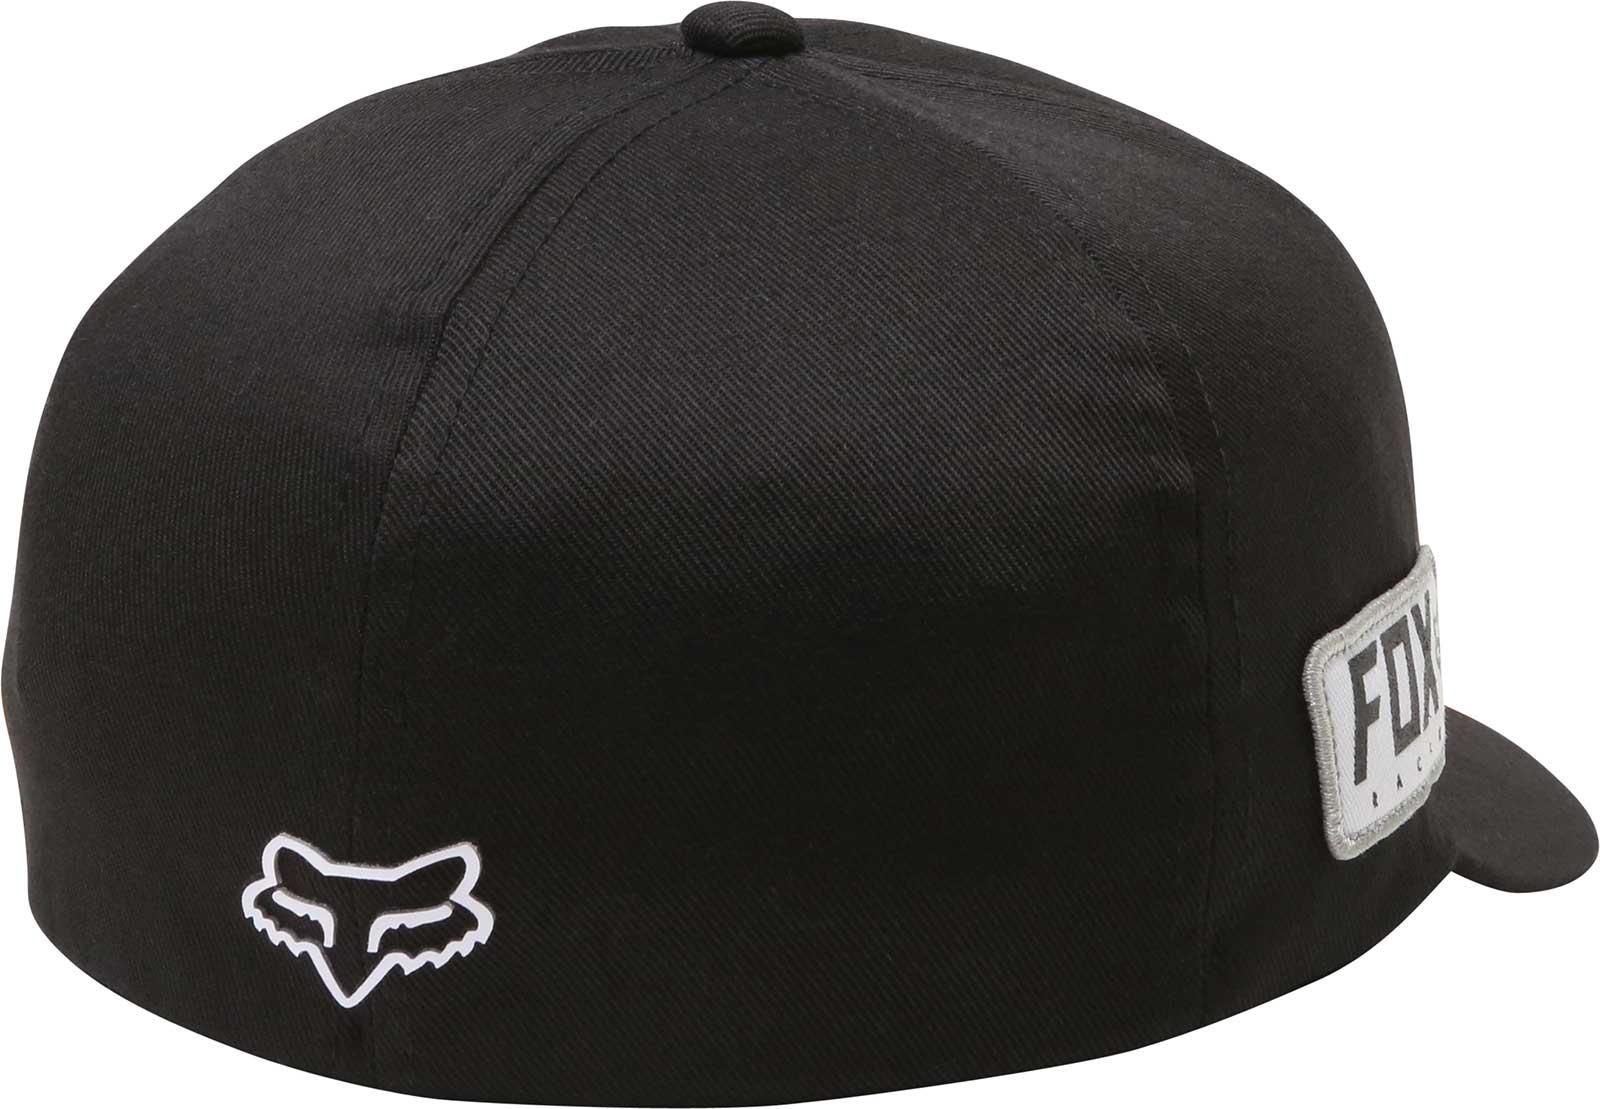 sneakers for cheap 986f9 0cfec ... fox racing flexfit honda flexfit racing hat mens f358de